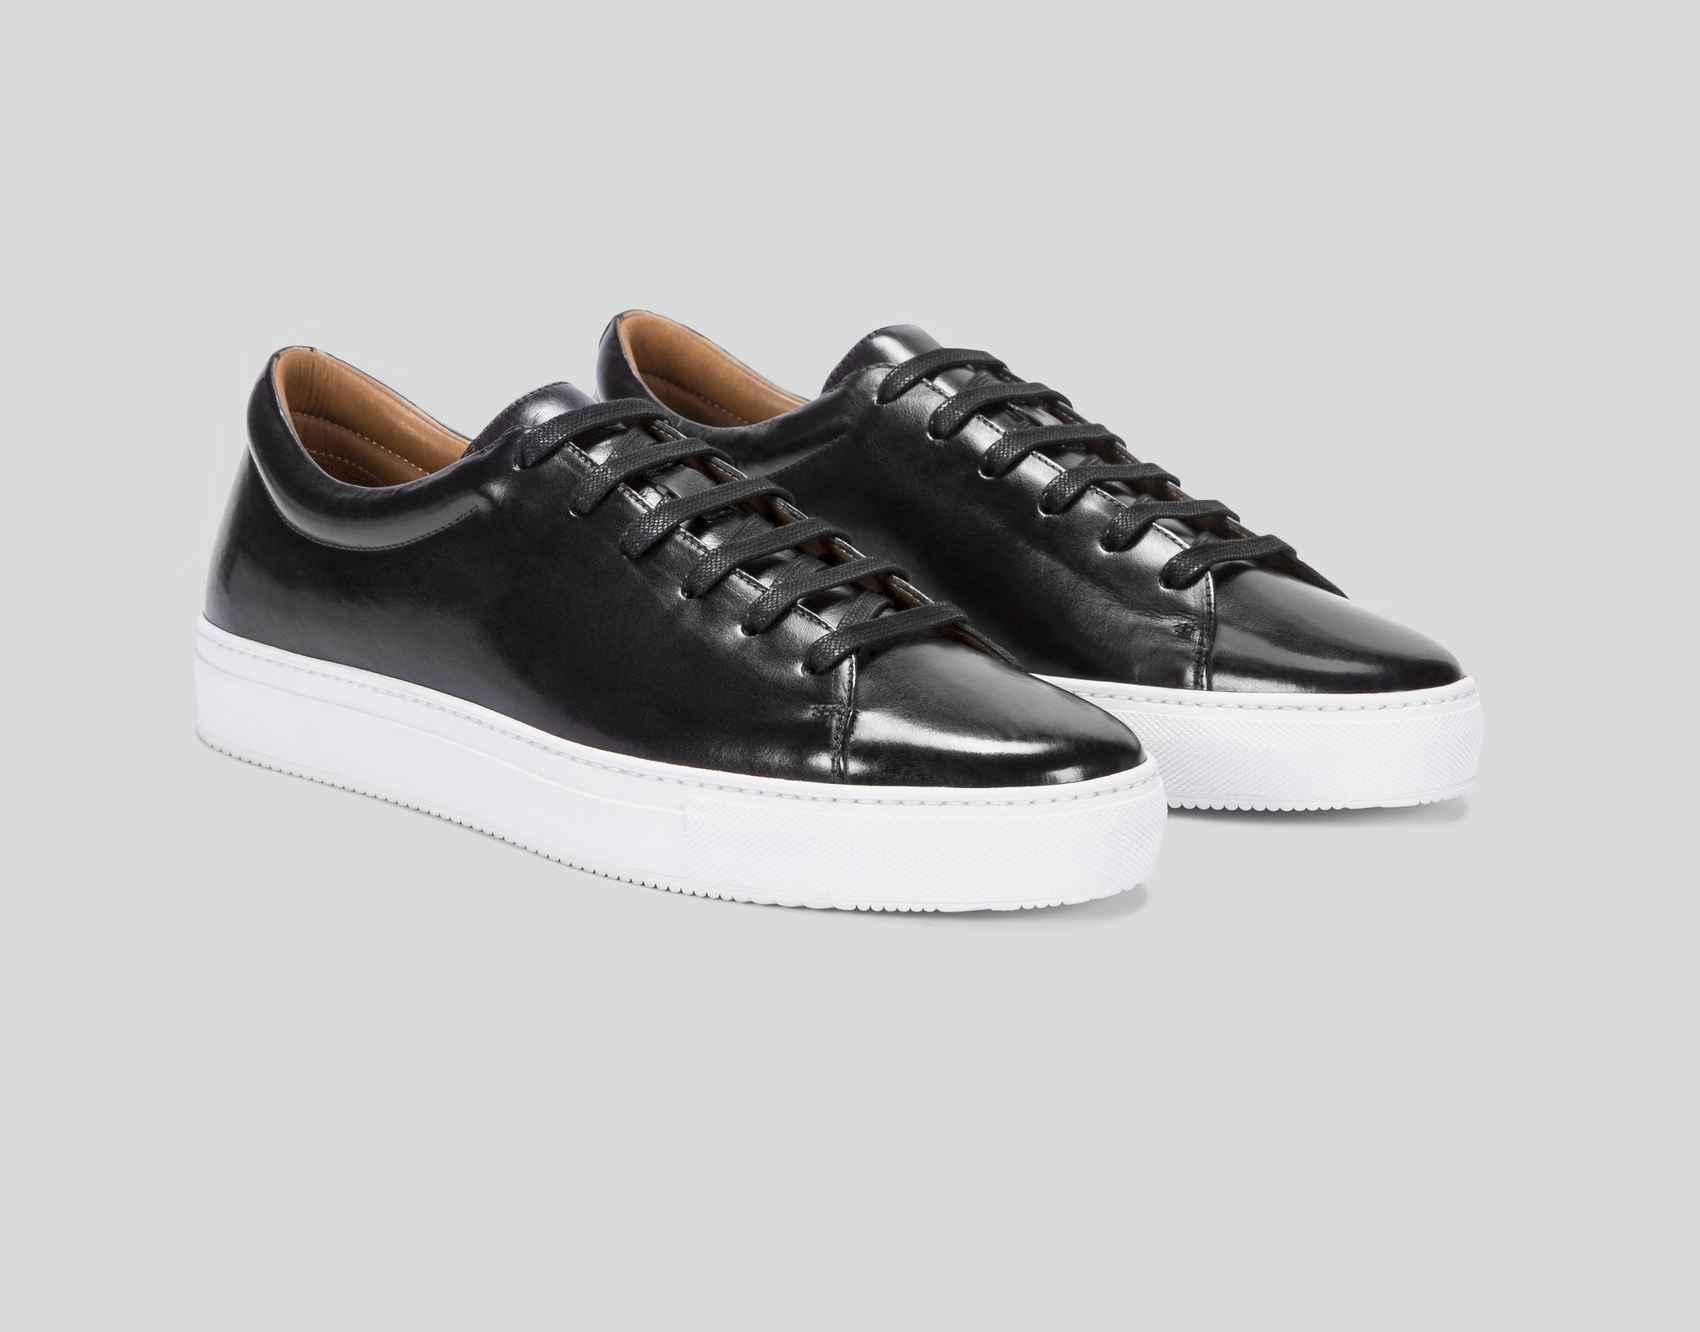 M Gemi sneakers